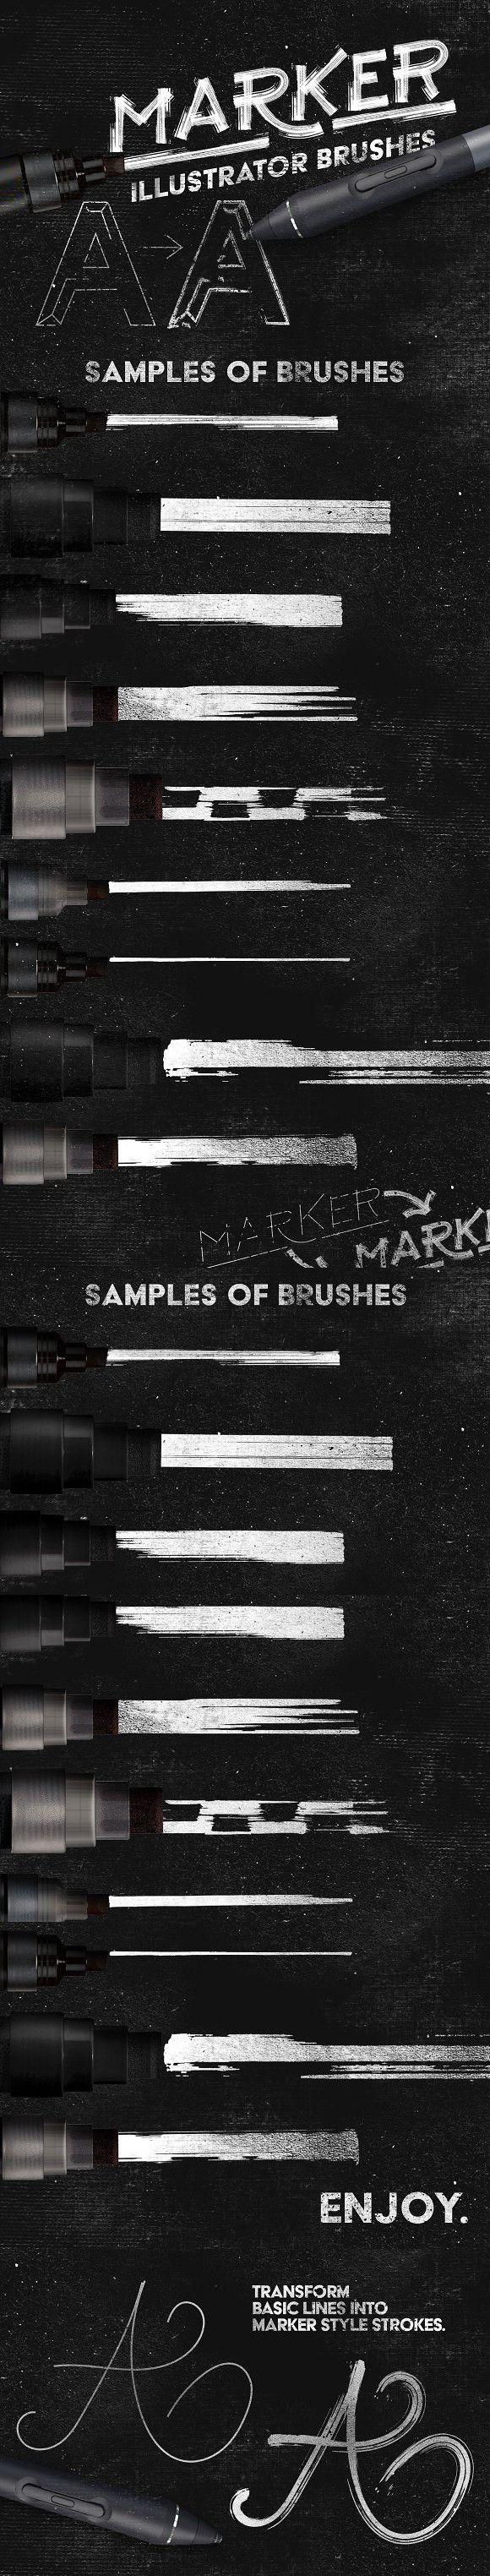 Marker Illustrator Brushes. Photoshop Brushes. $8.00